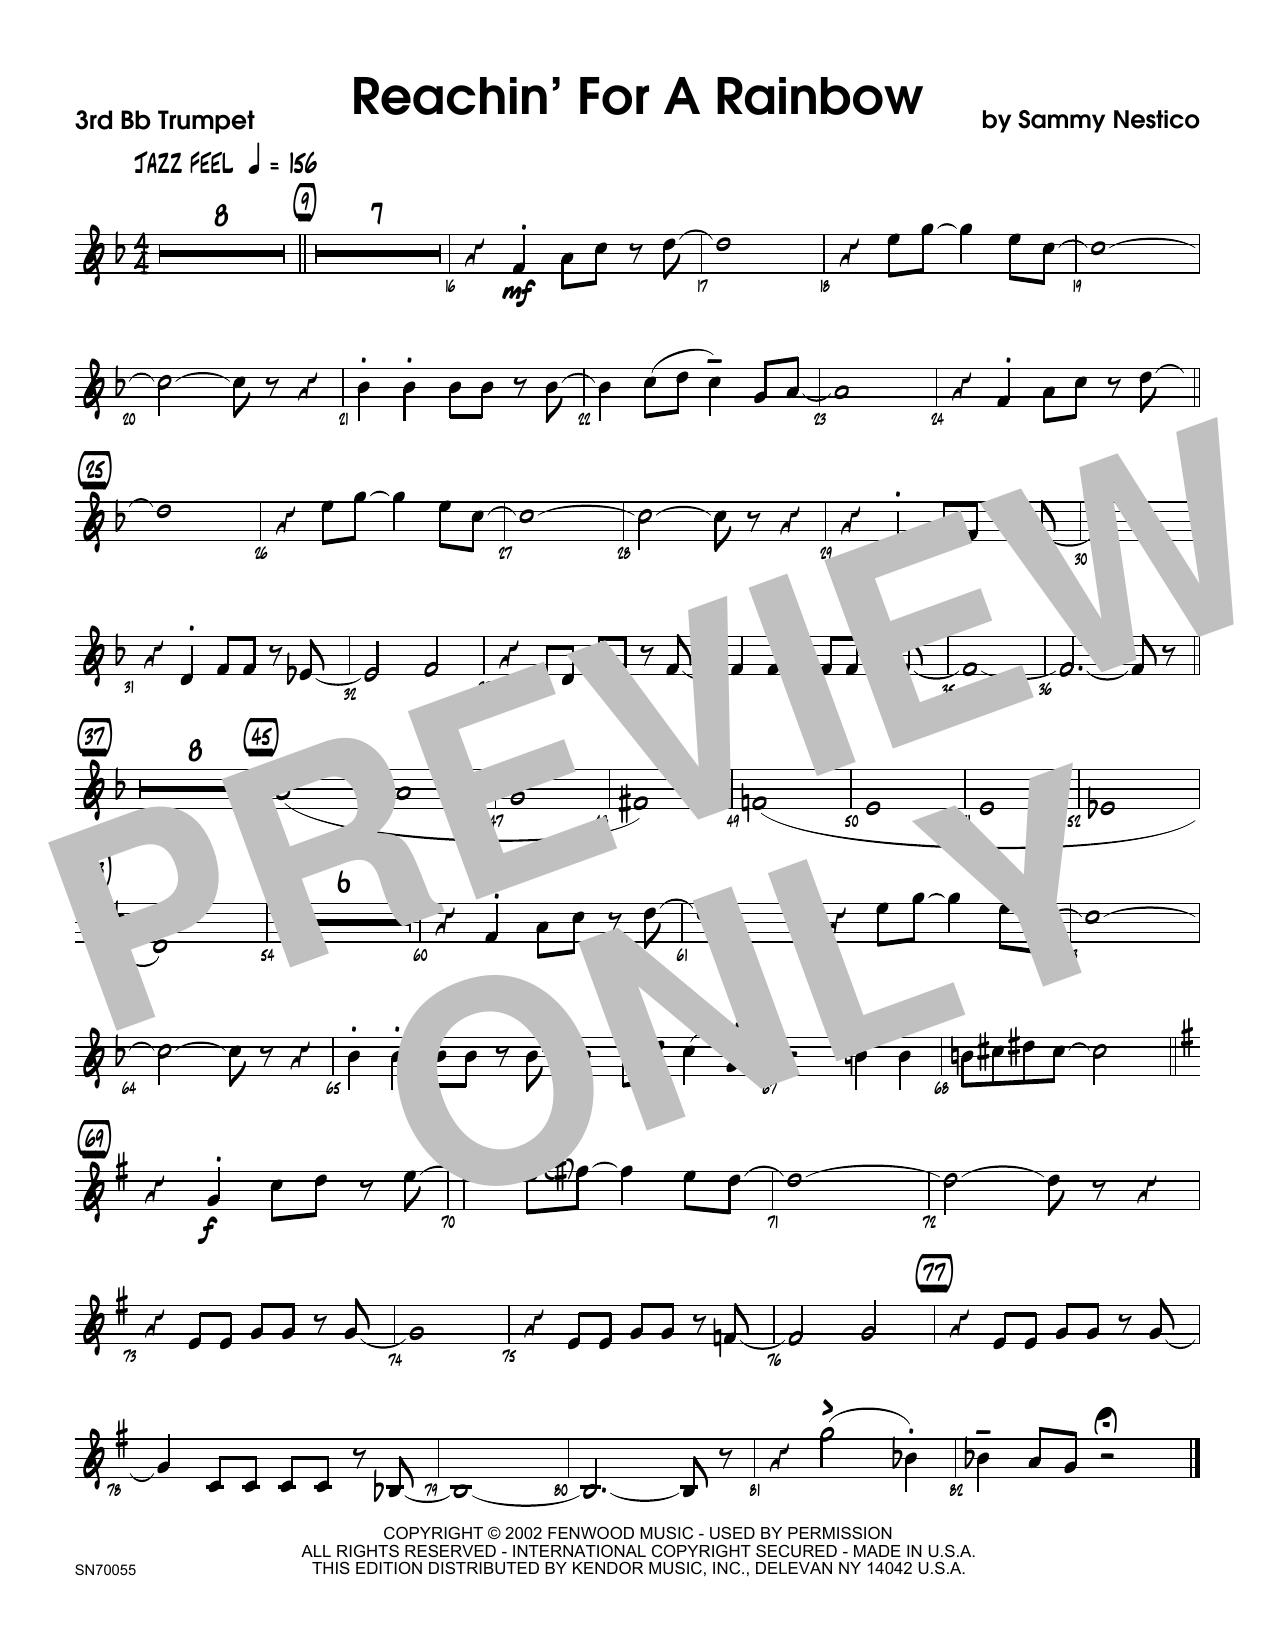 Reachin' For A Rainbow - 3rd Bb Trumpet Sheet Music